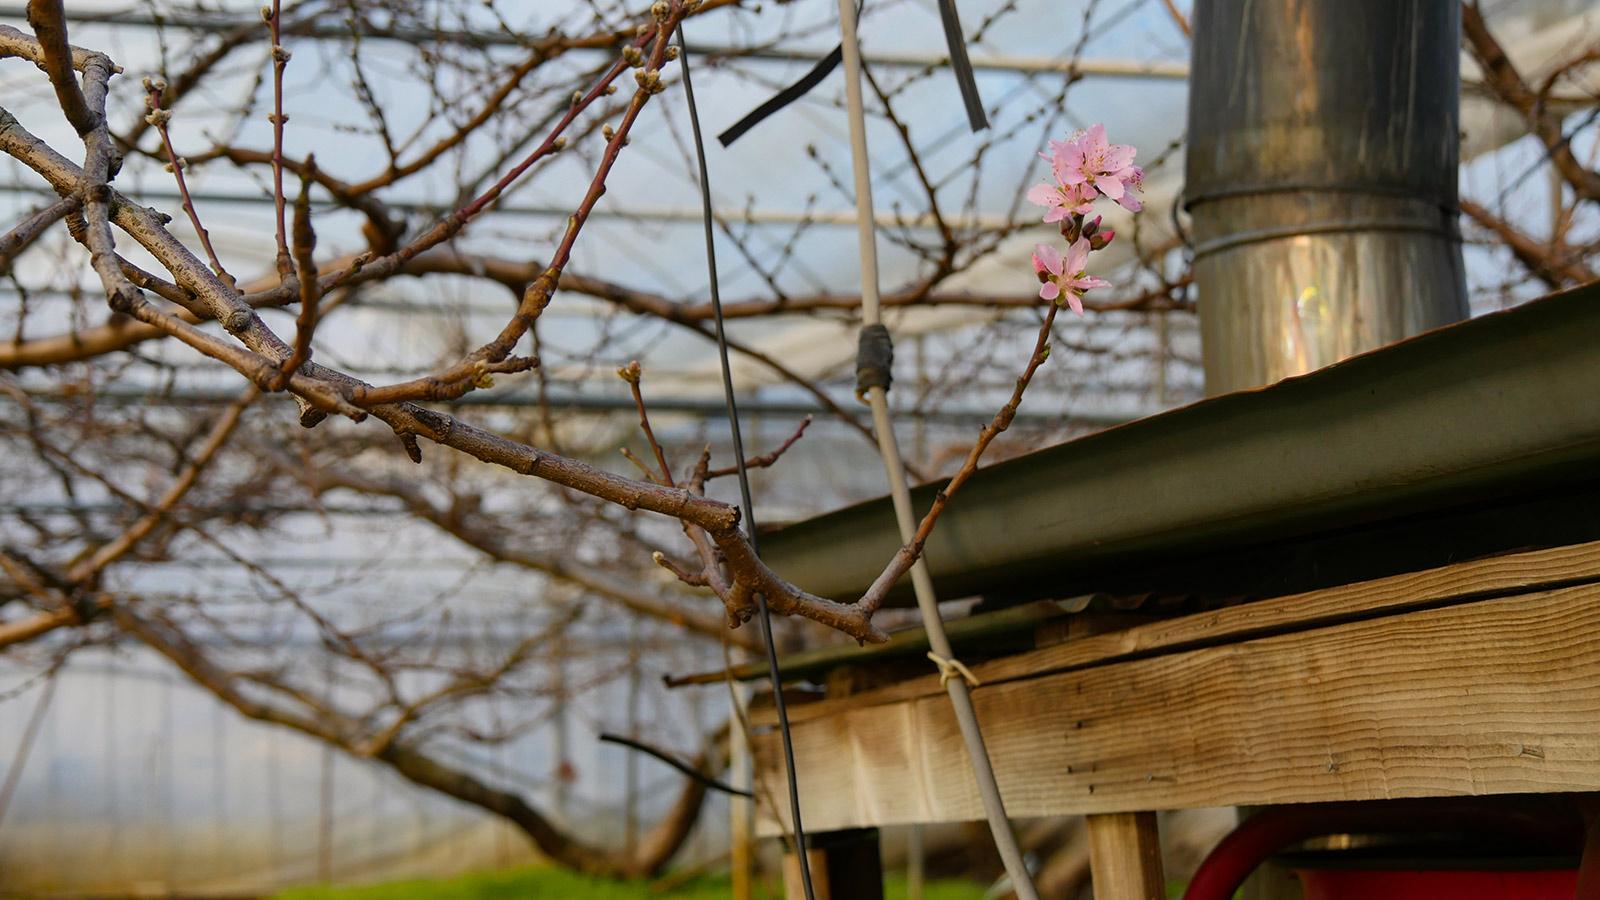 ボイラー横の枝ですが、煙突の輻射熱のせいか唯一ハウス内で咲いていました。